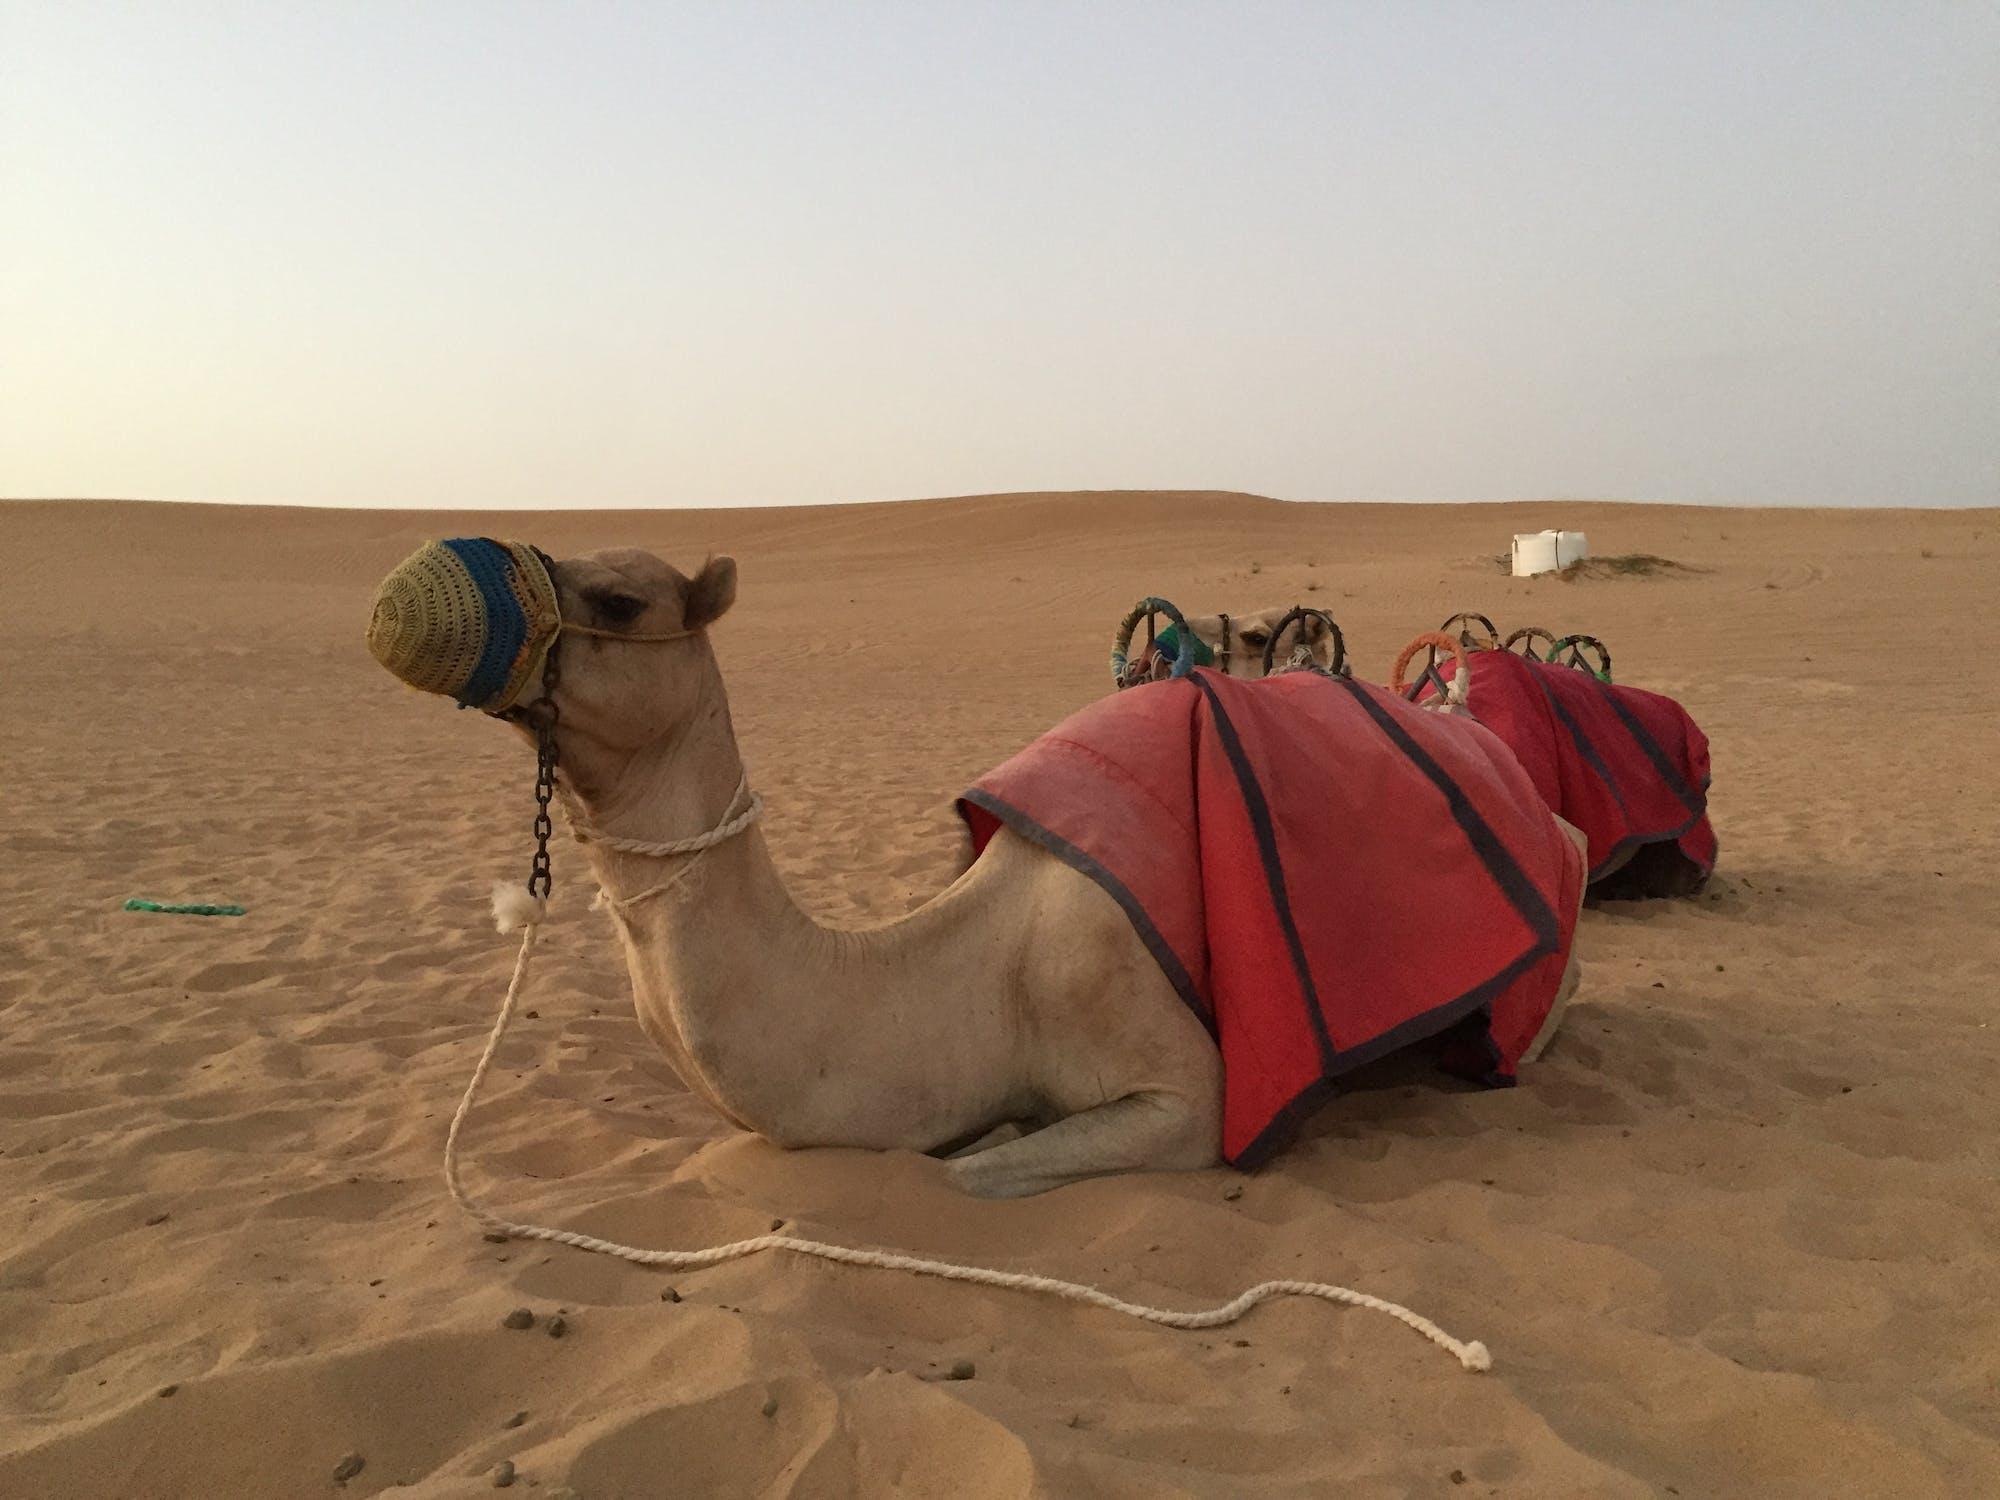 постер пустыня и верблюды и люди устройство для манометра